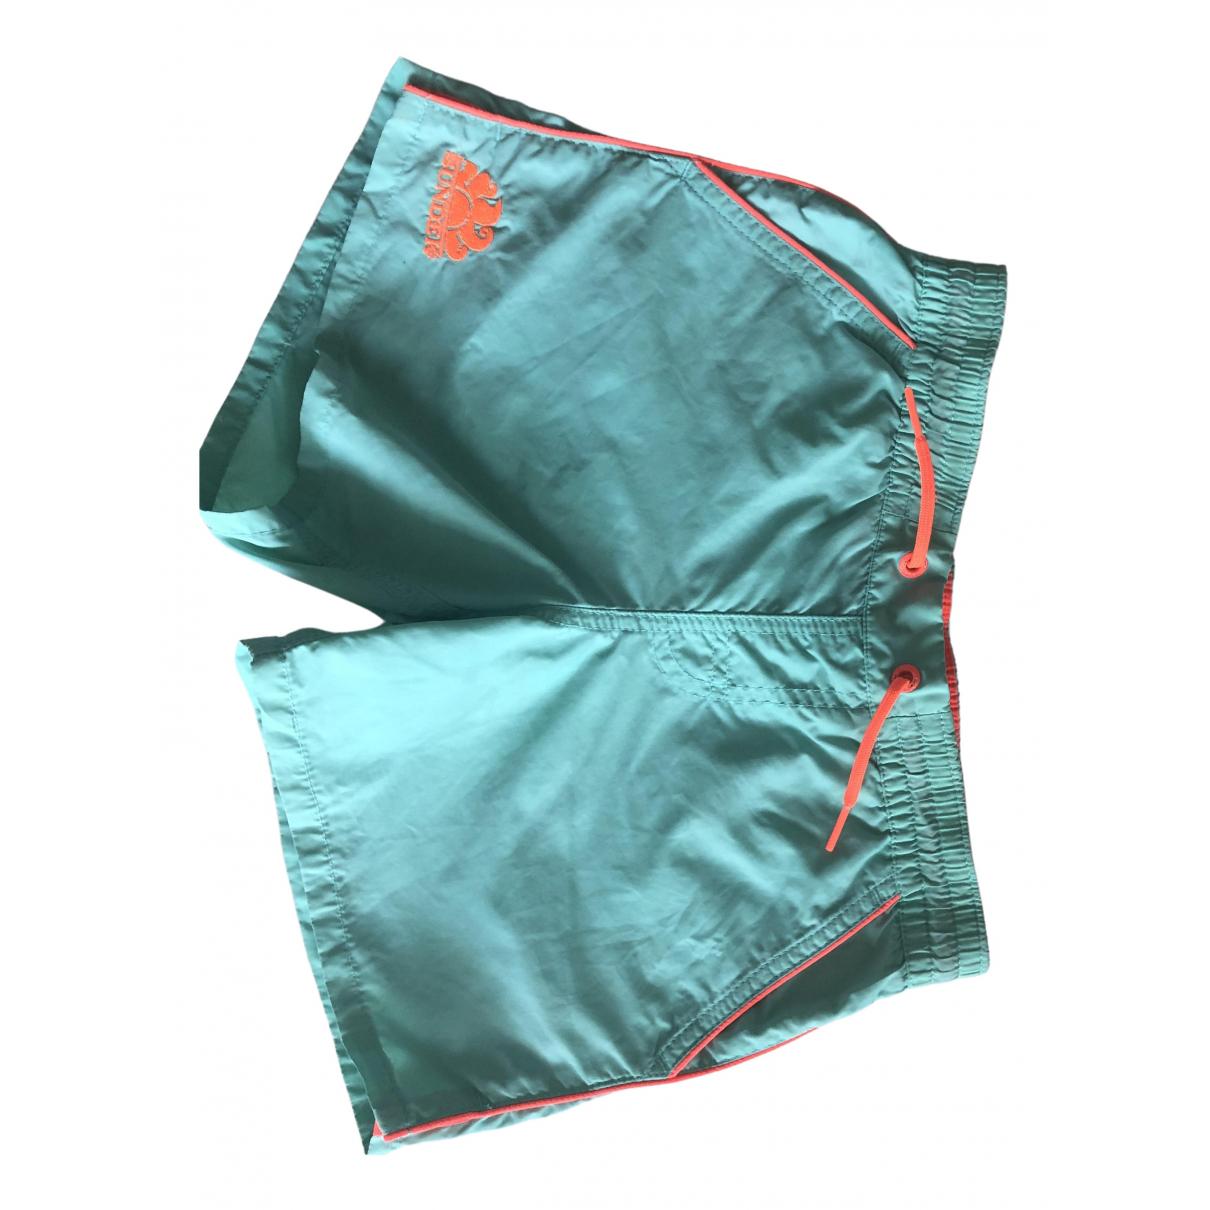 Sundek \N Shorts in  Gruen Polyester